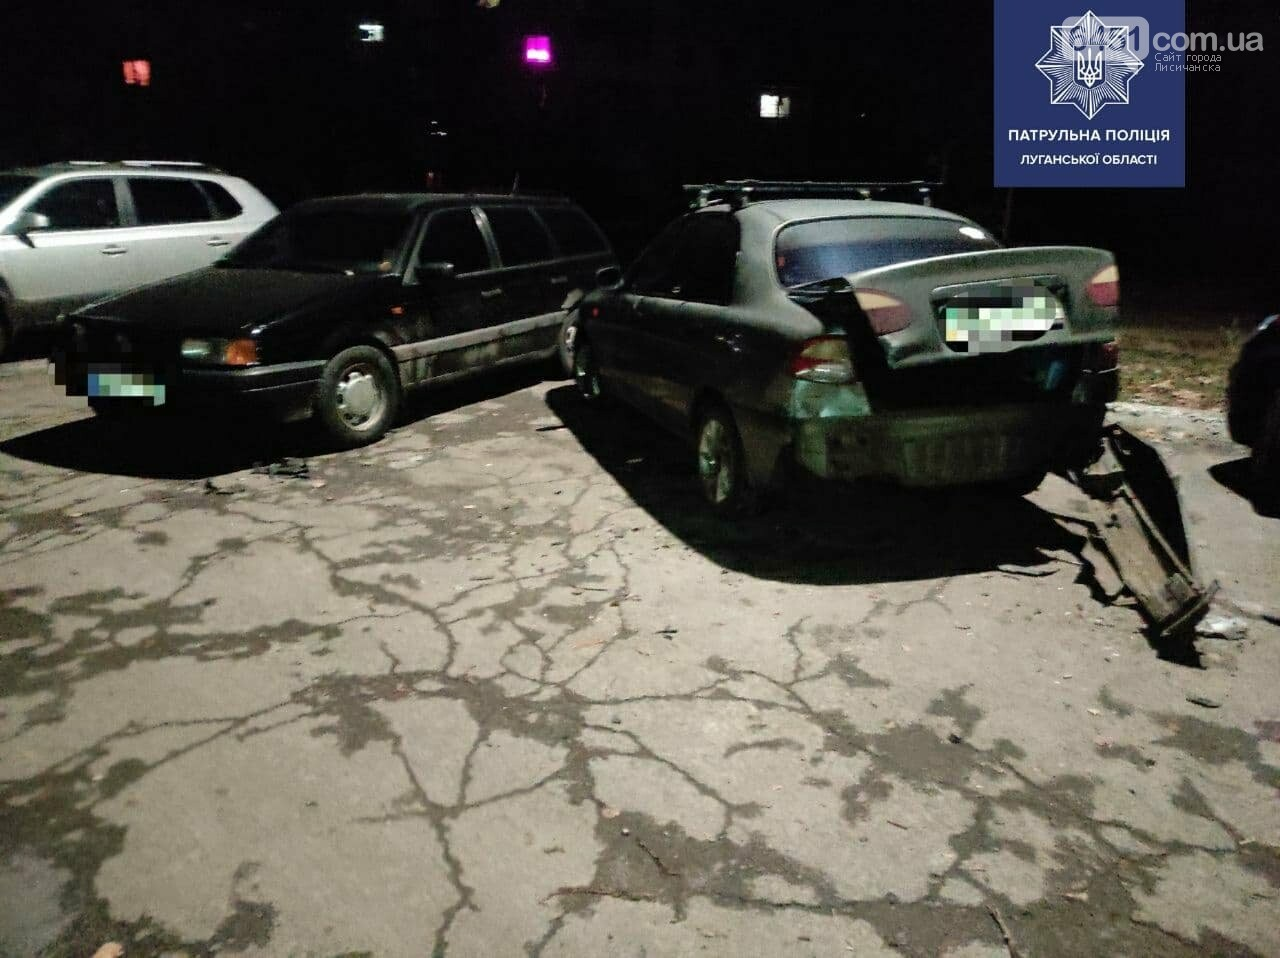 Водитель в нетрезвом состоянии совершил ДТП в Рубежном, фото-2